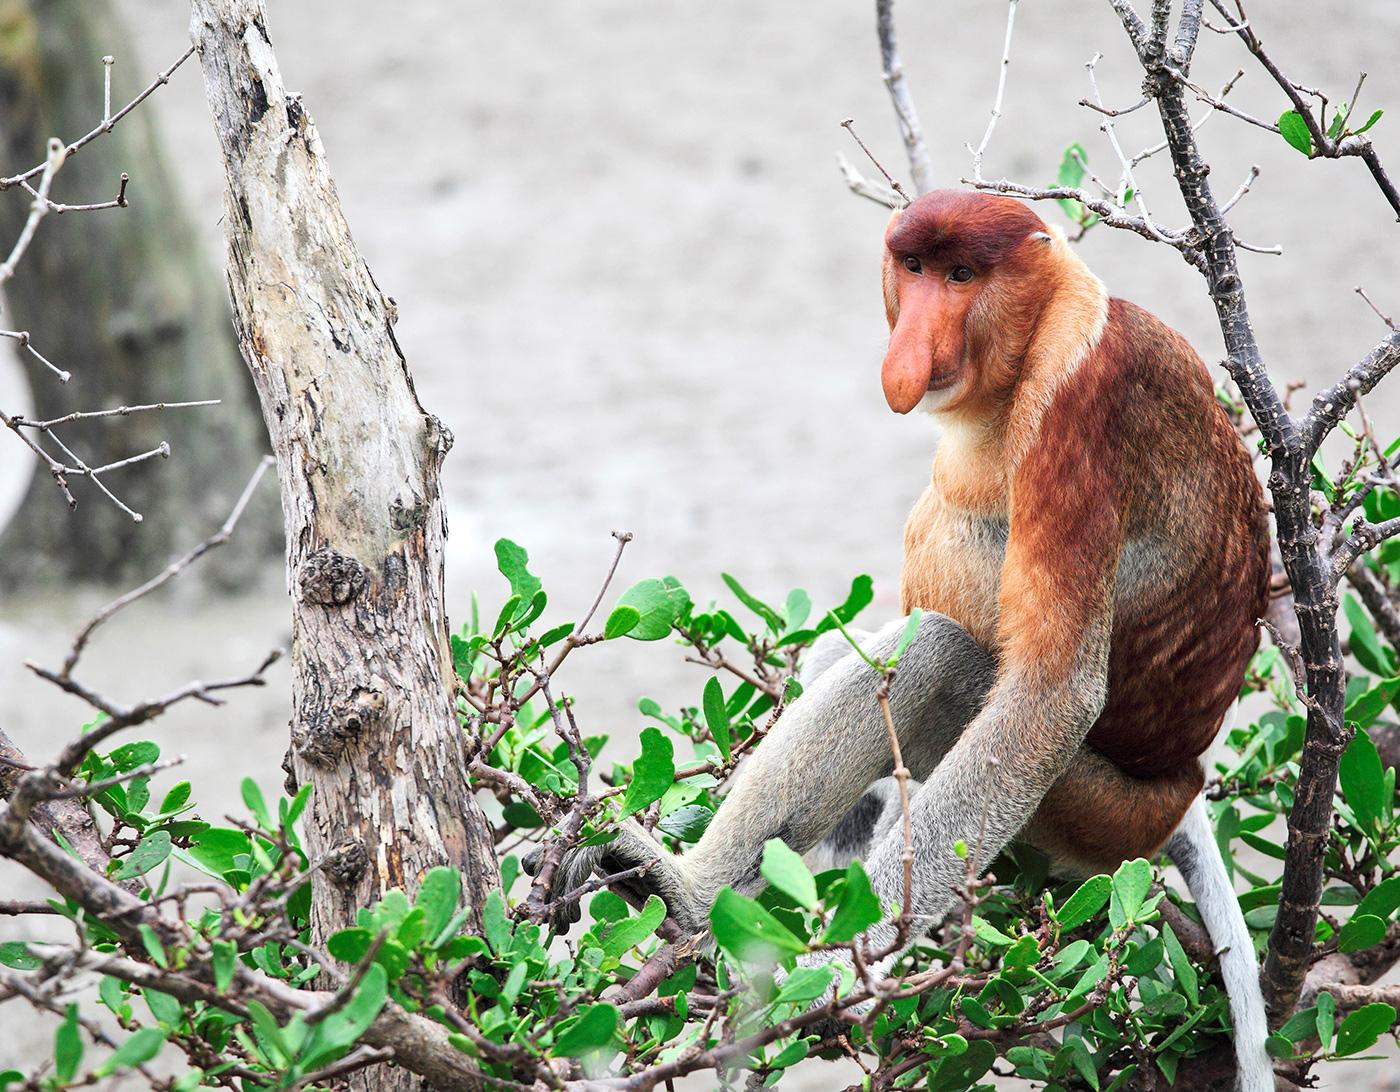 Monos narigudos: el tamaño importa